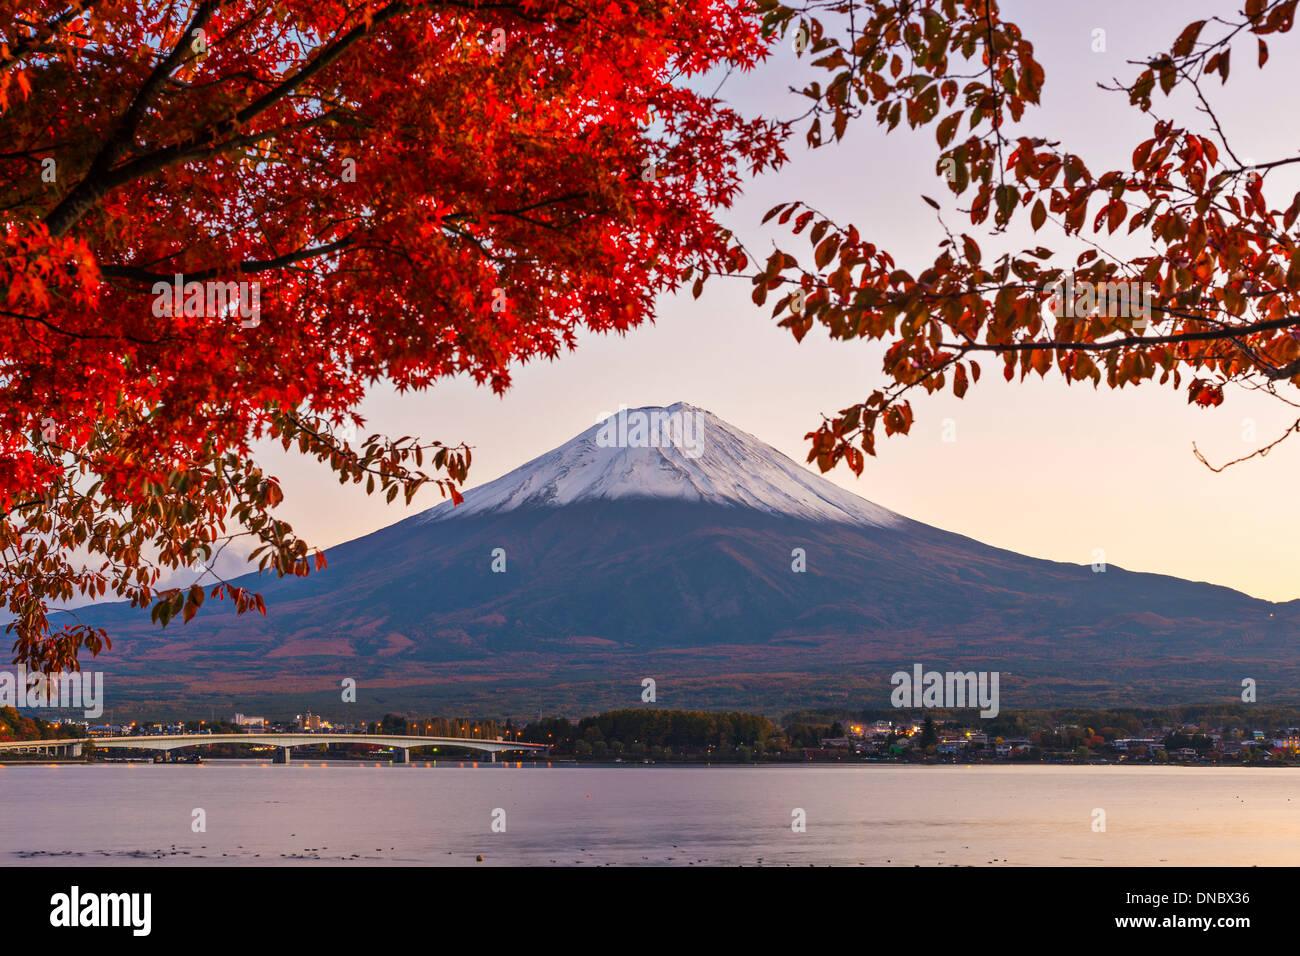 Mt. Fuji con la caduta delle foglie in Giappone. Immagini Stock